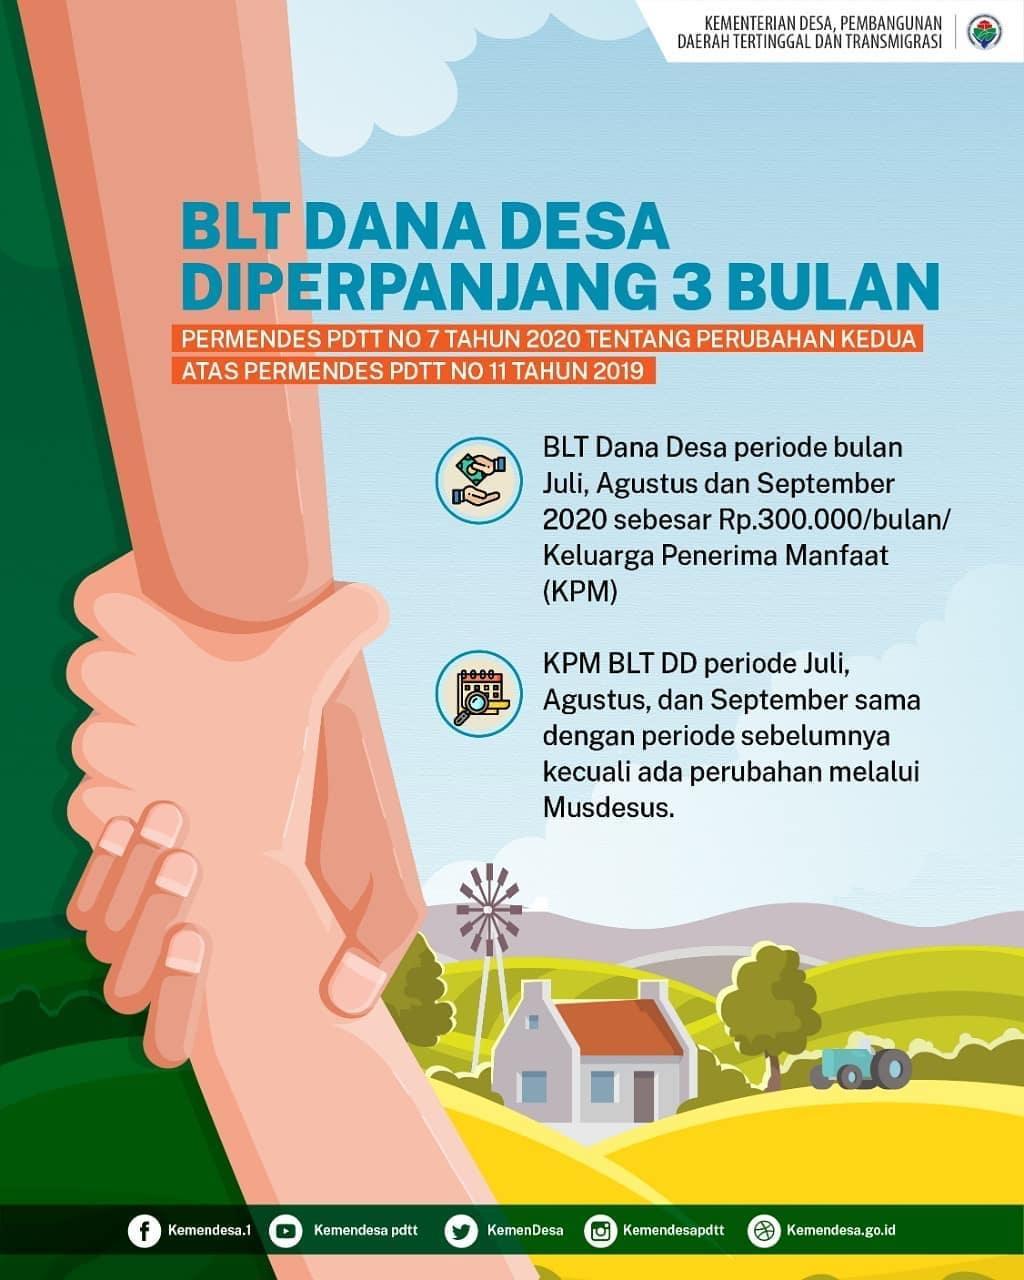 Mendes PDTT Rilis Aturan Terbaru Tentang BLT Dana Desa  Mendes PDTT Rilis Aturan Terbaru Tentang BLT Dana Desa